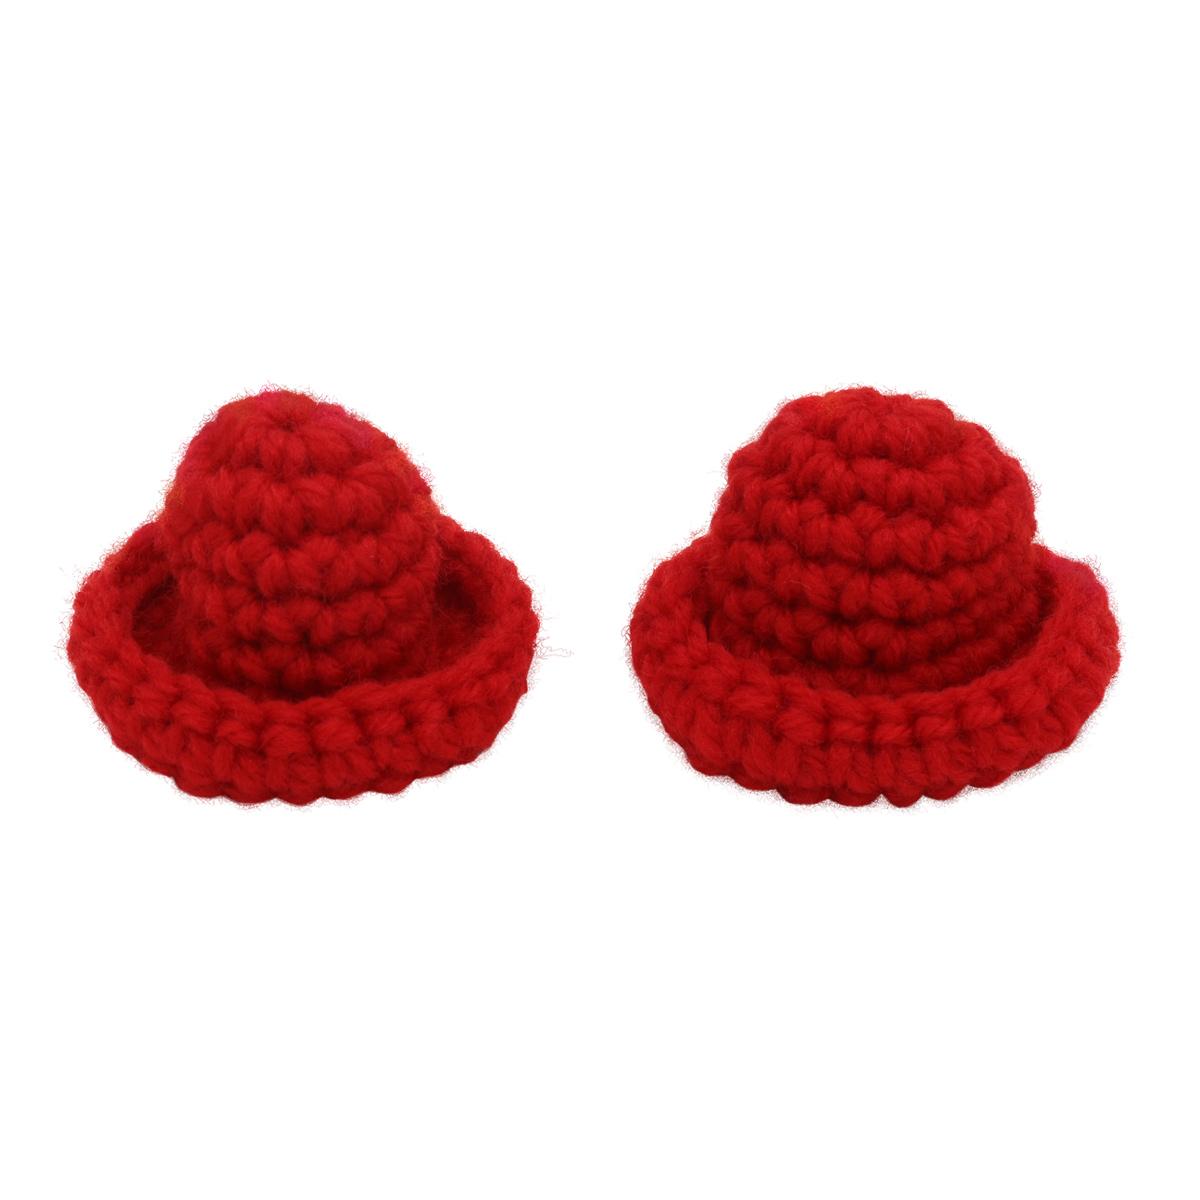 AR532 Шляпка для кукол 6см, 2шт/упак